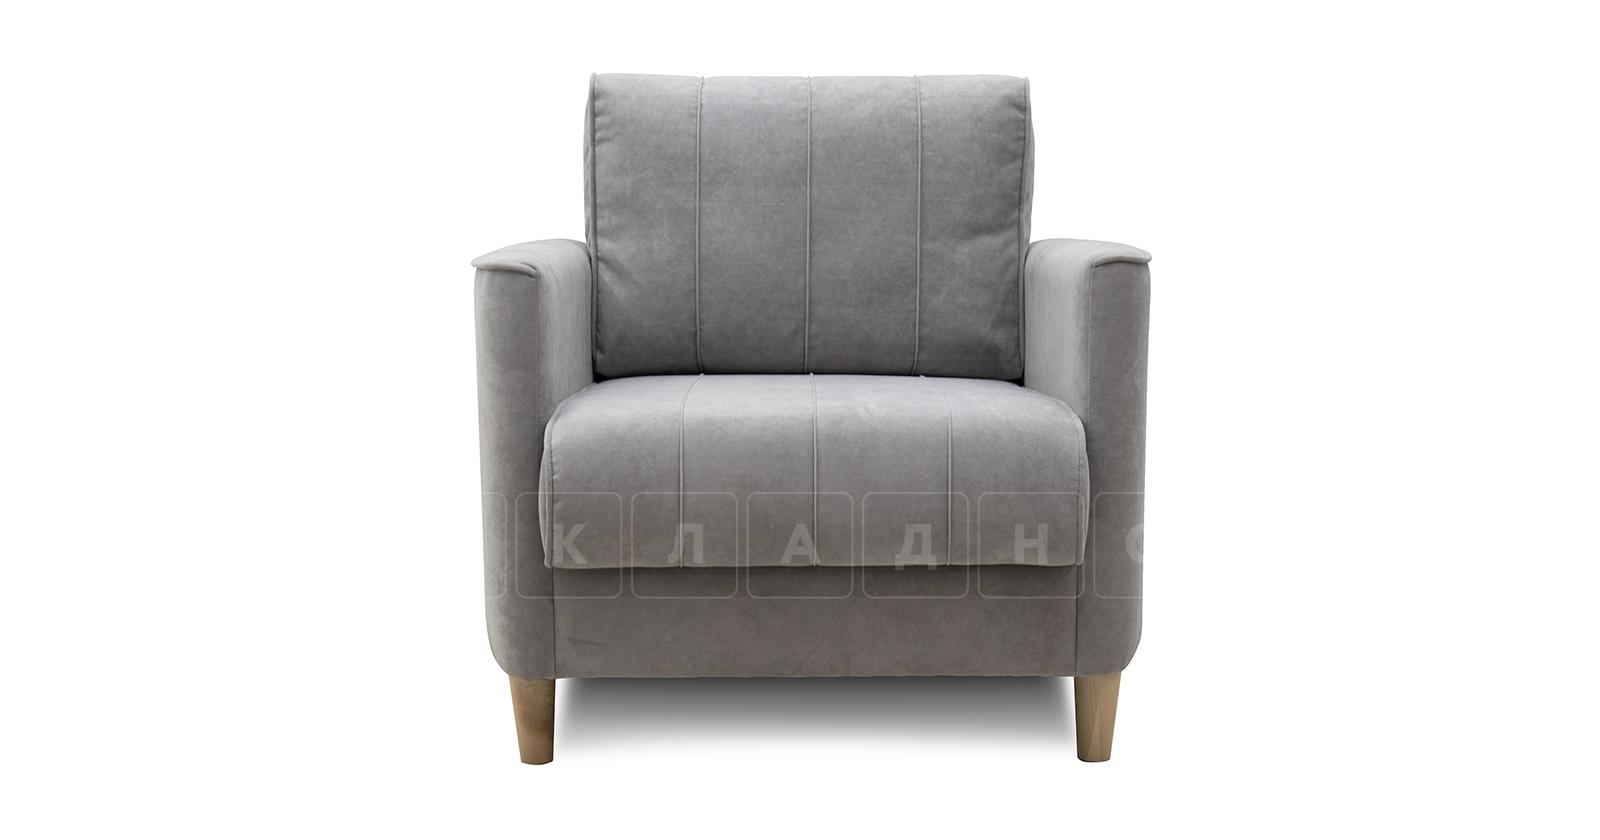 Кресло для отдыха Лорен серебристый серый фото 2   интернет-магазин Складно